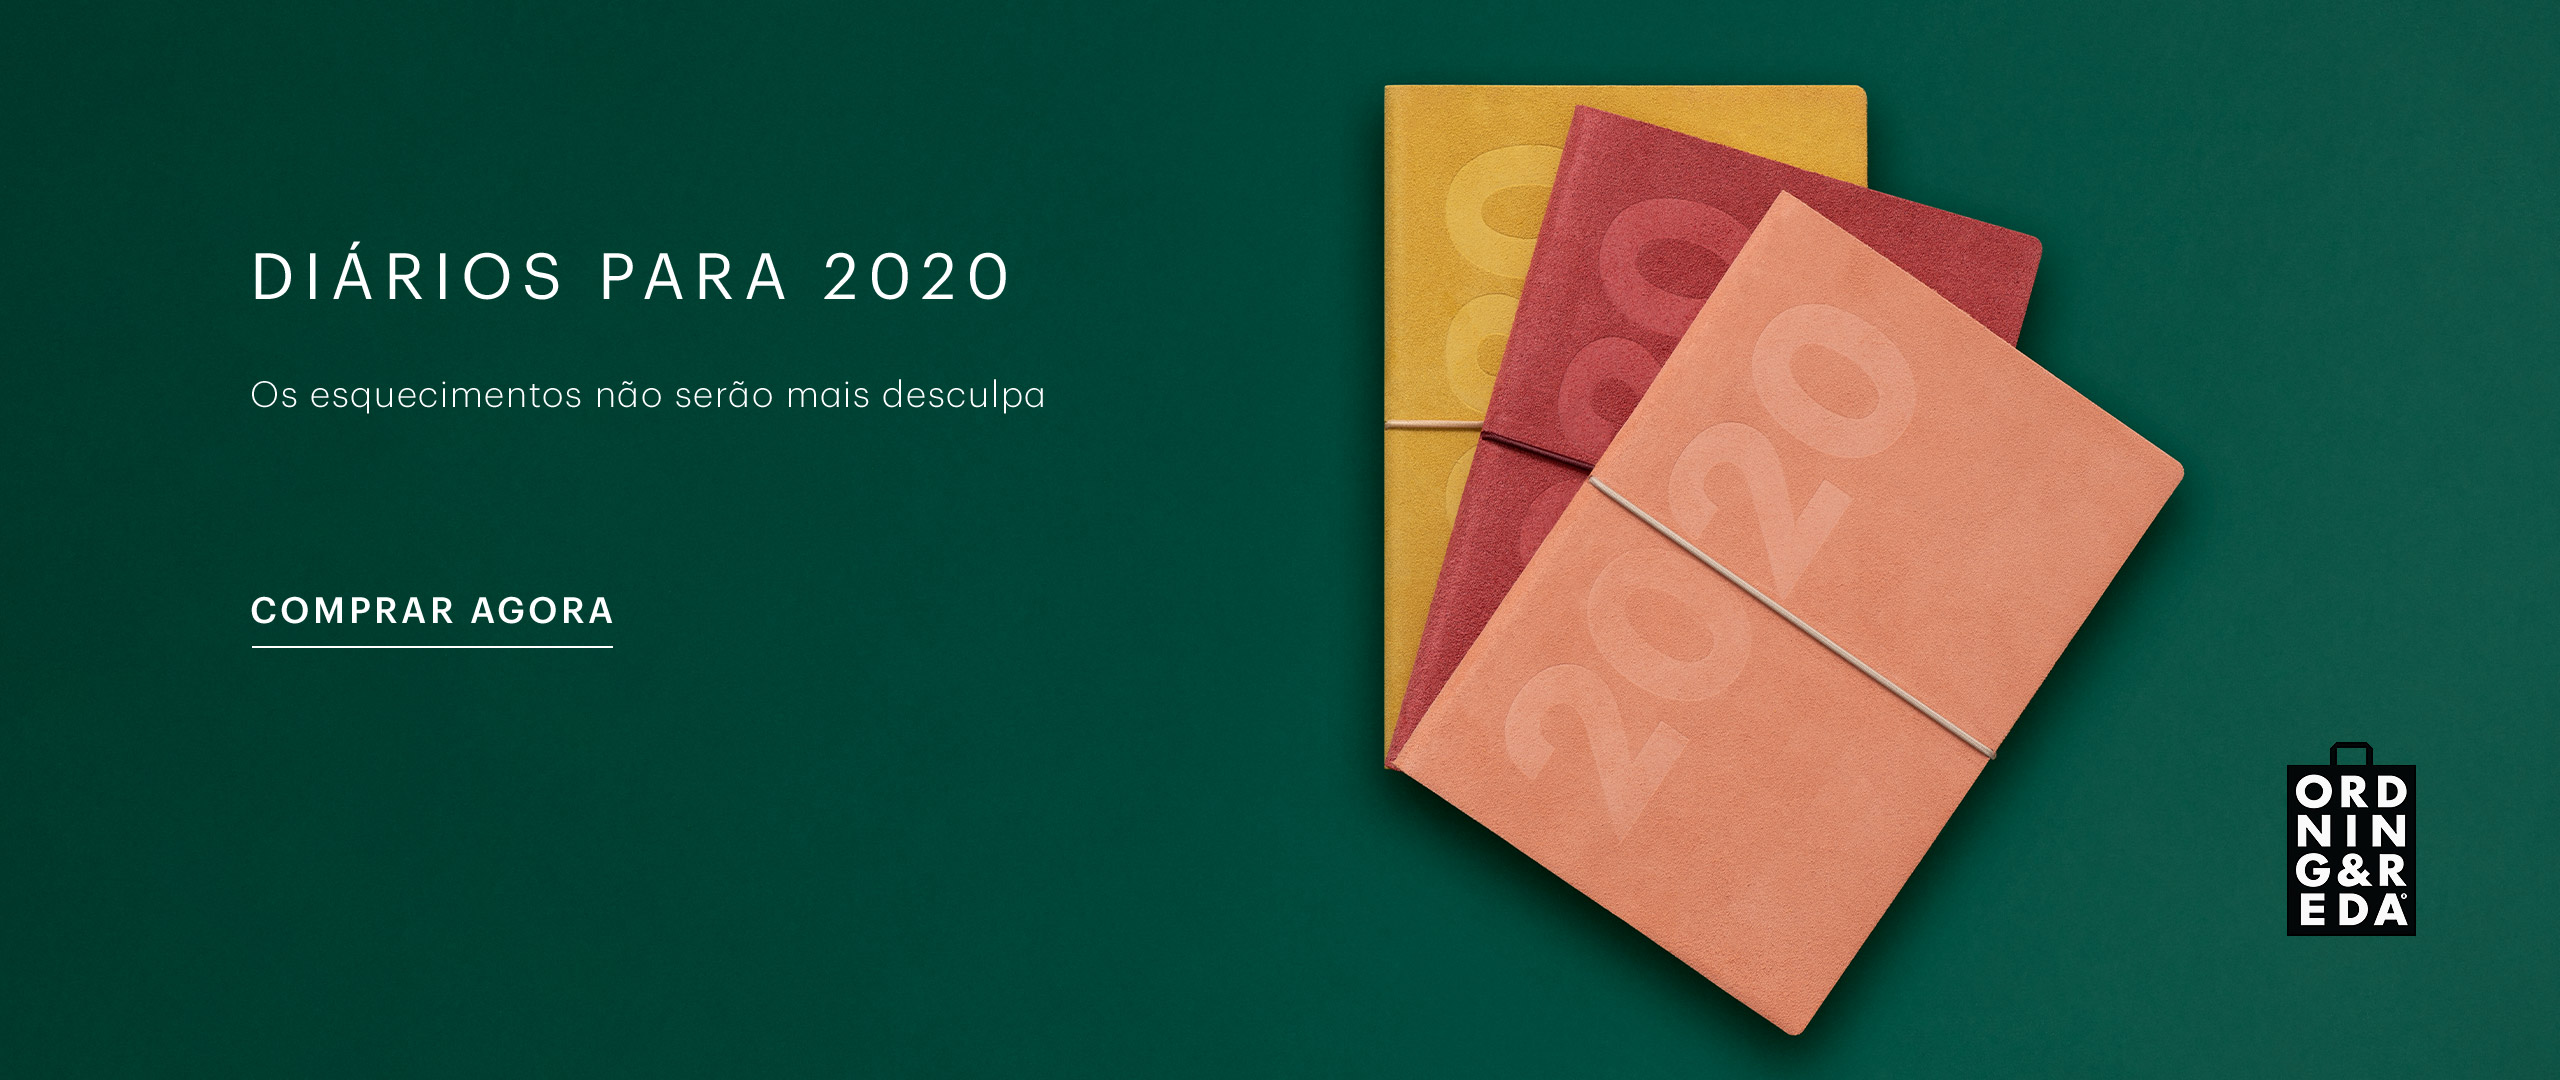 BEU [PT] - OR Diaries 2020